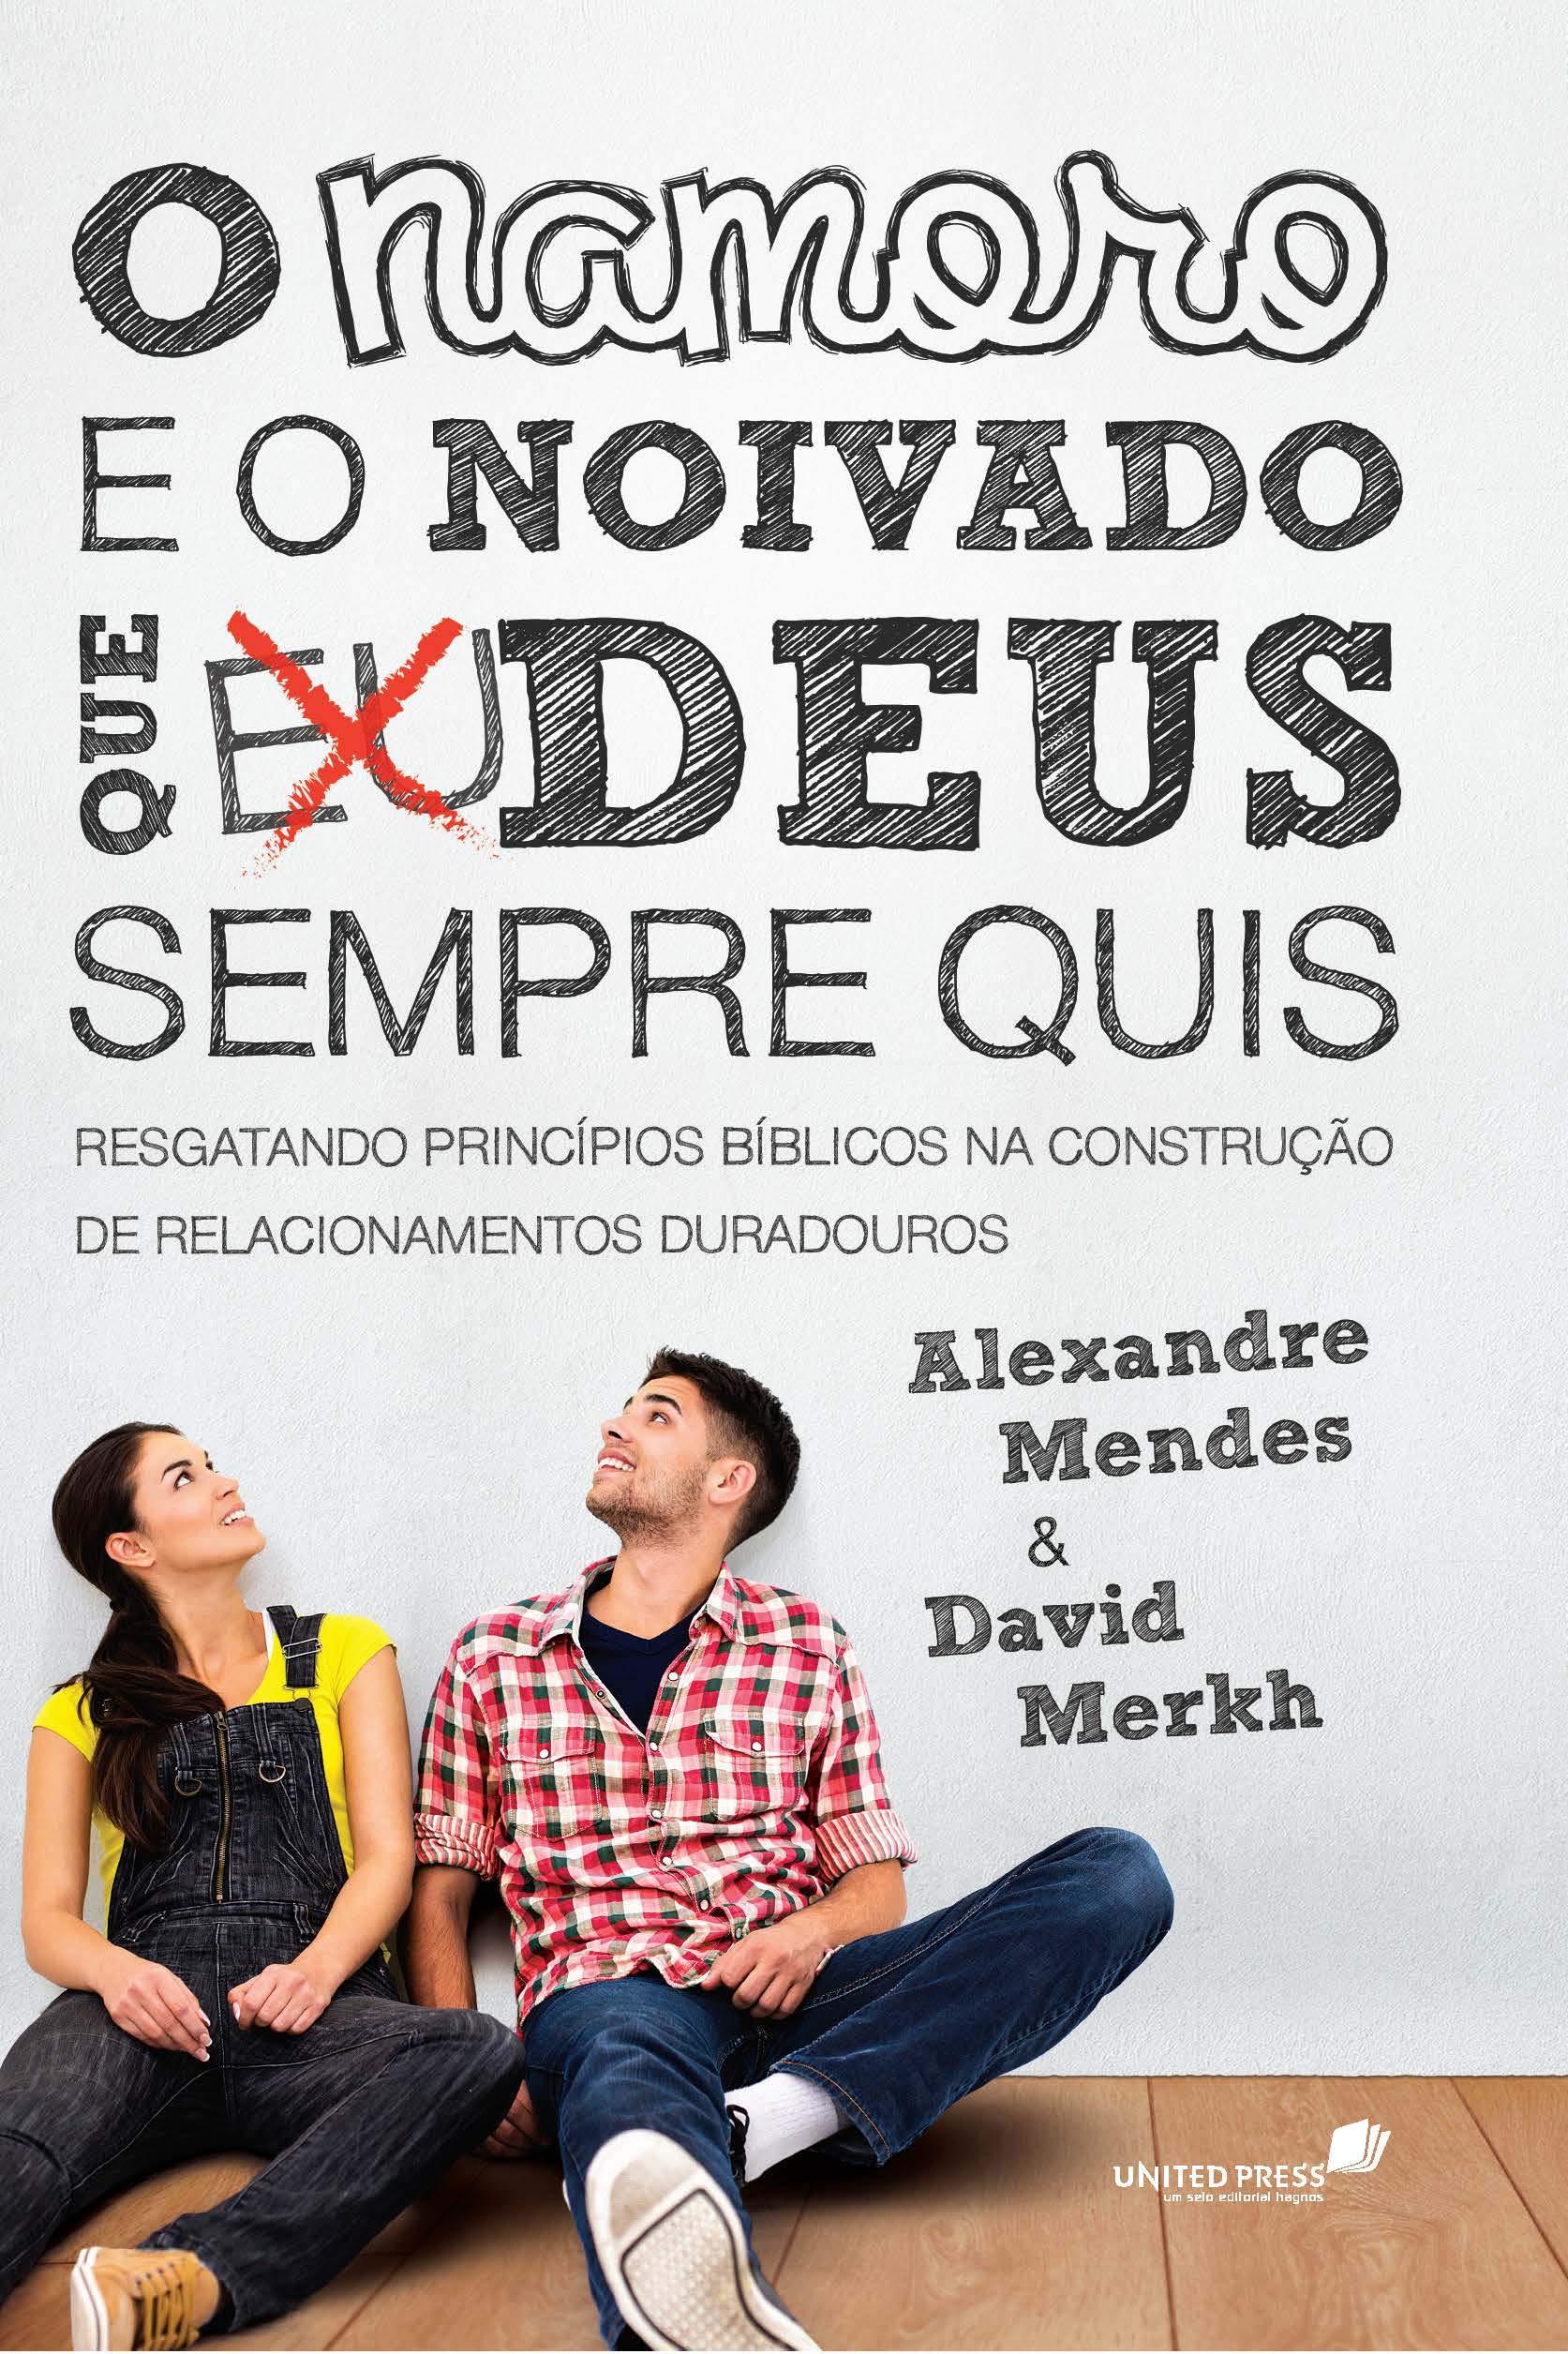 O GospelEncontros.com é o líder em relacionamentos evangélicos no Brasil